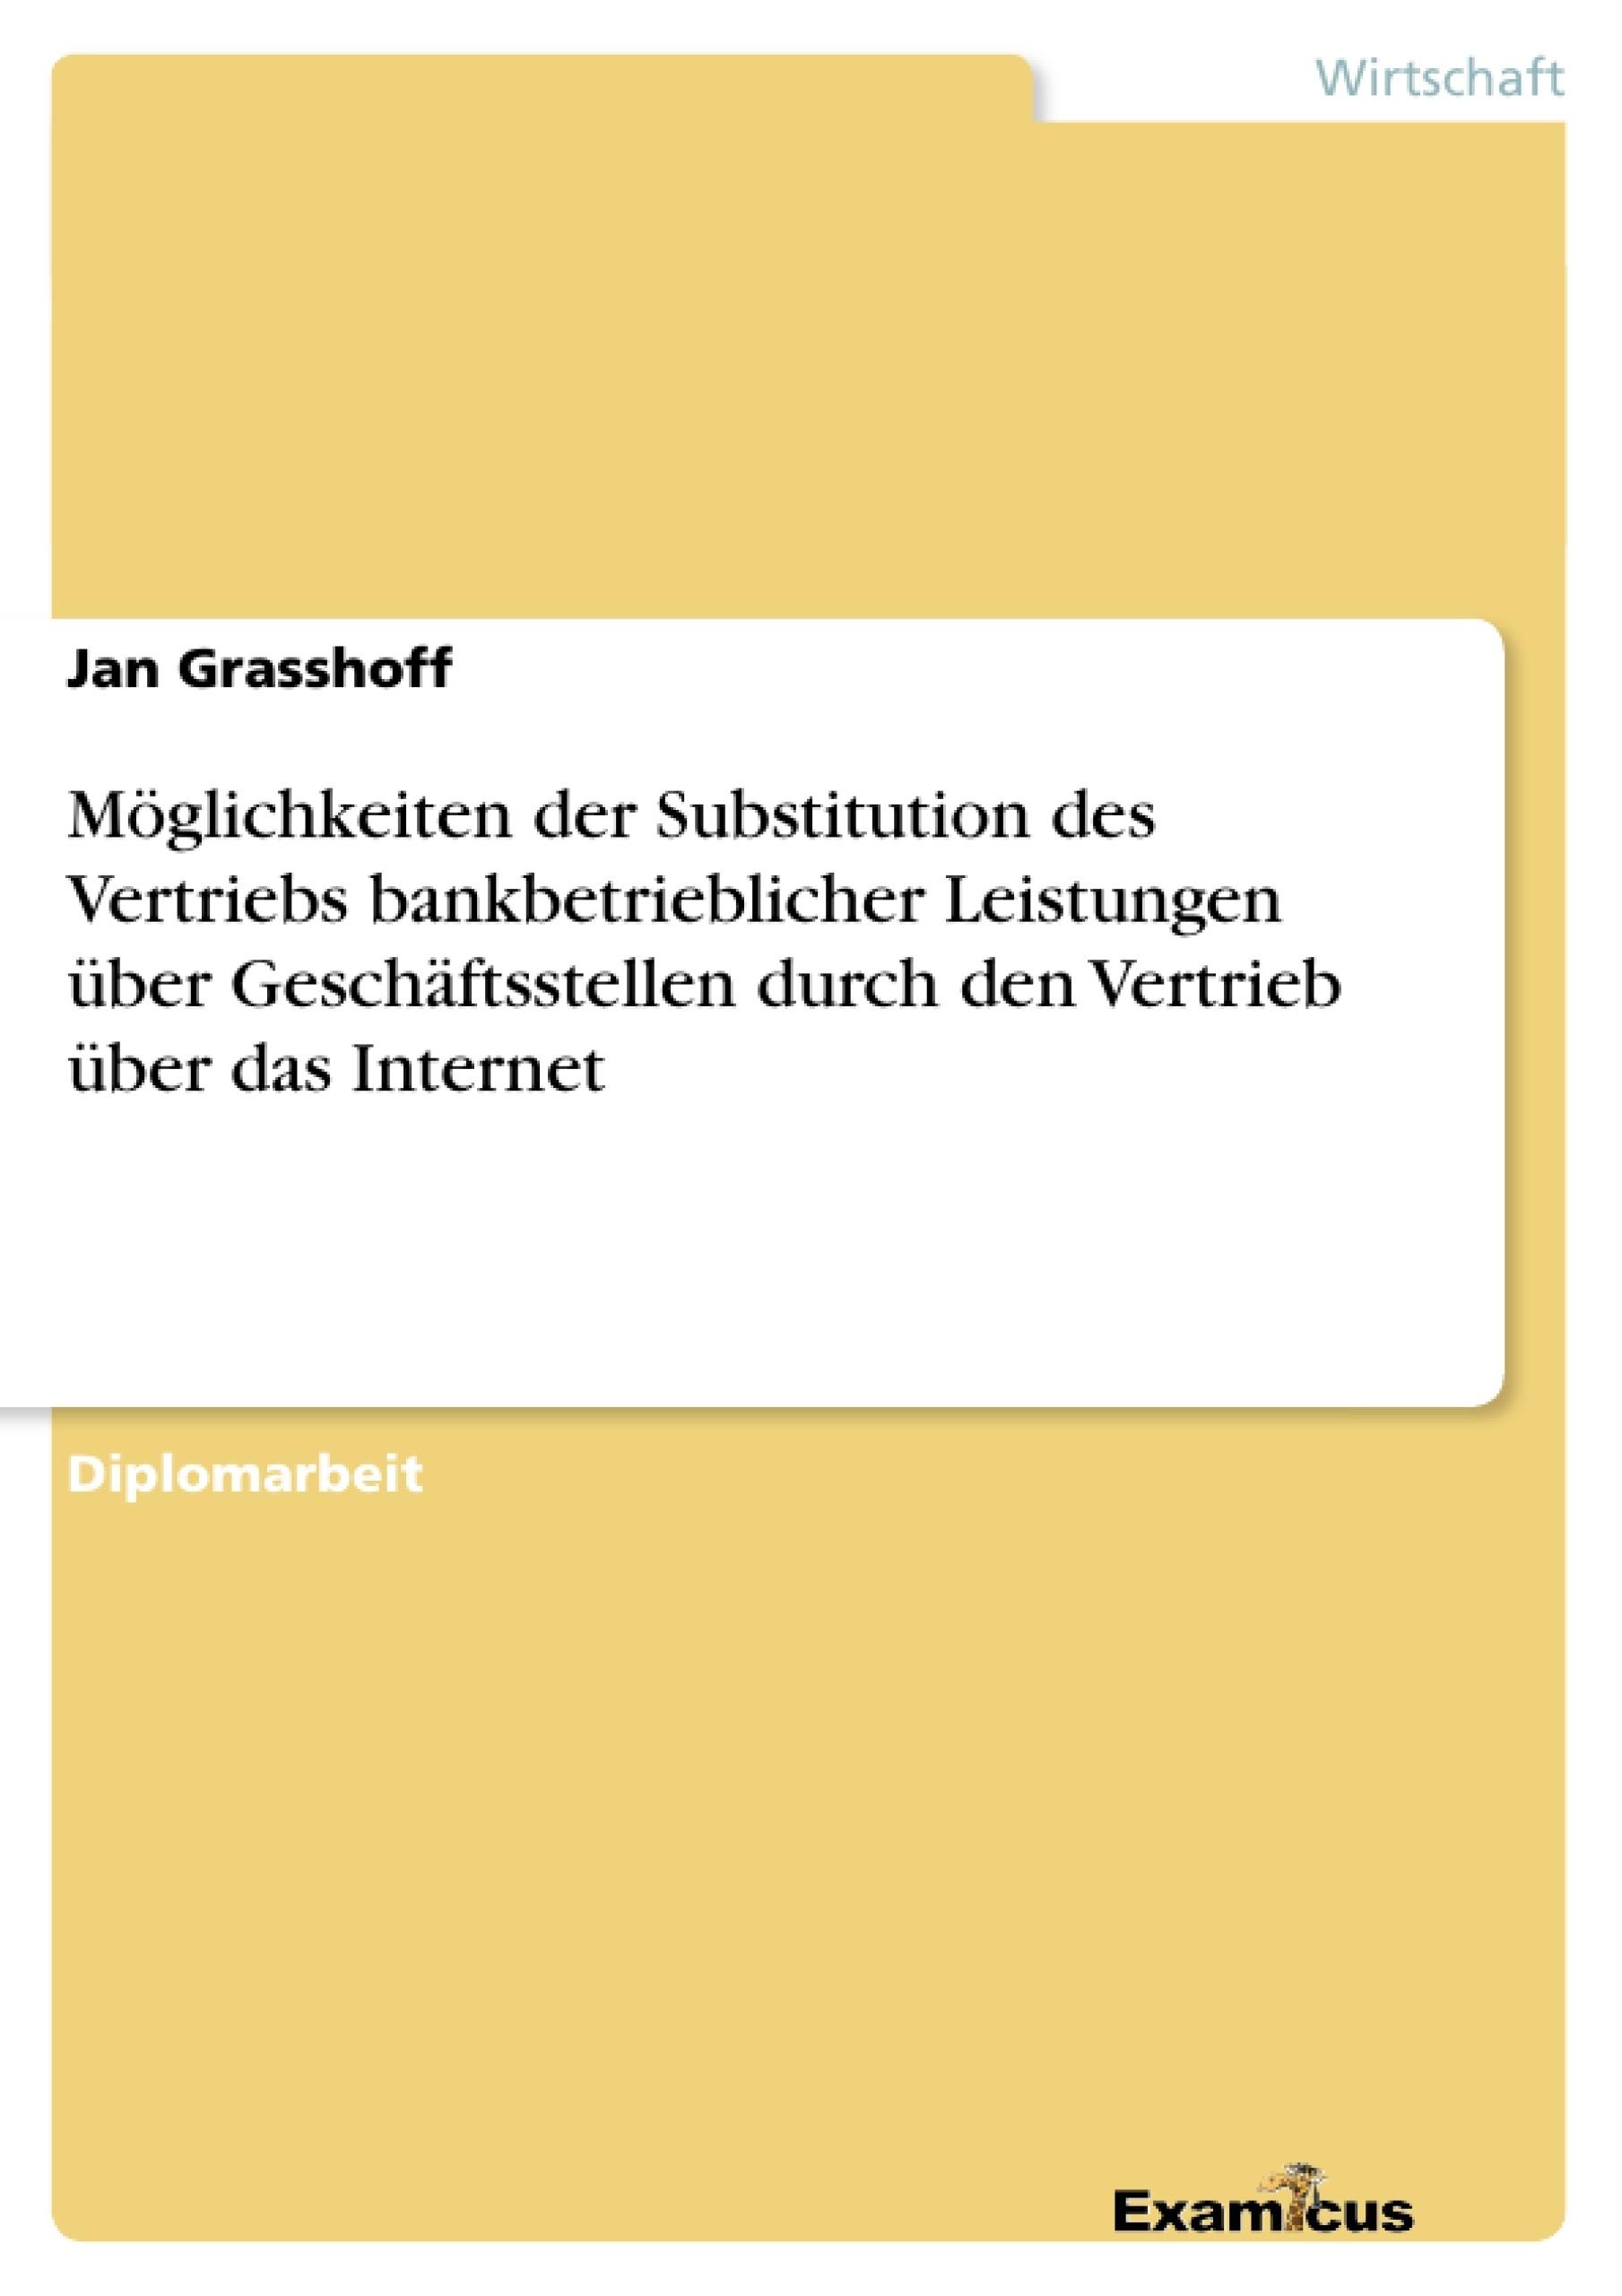 Titel: Möglichkeiten der Substitution des Vertriebs bankbetrieblicher Leistungen über Geschäftsstellen durch den Vertrieb über das Internet